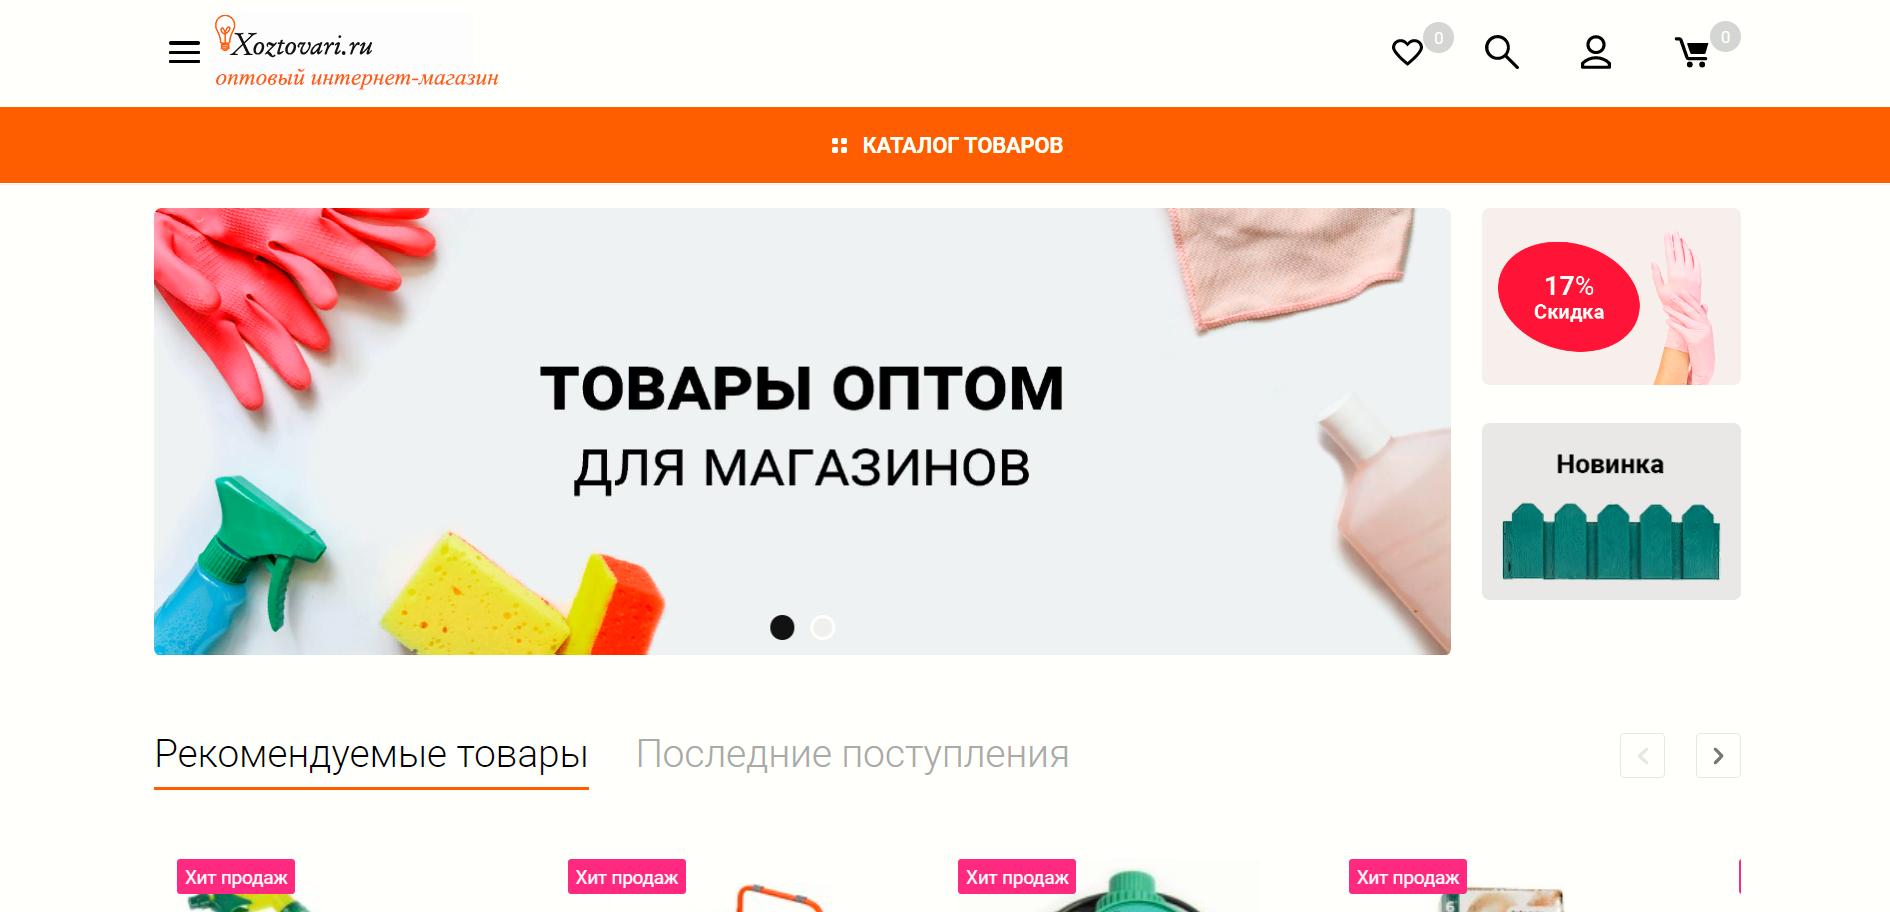 Разработка логотипа для оптового интернет-магазина «Хозтовары.ру» фото f_576606c9e788c464.png